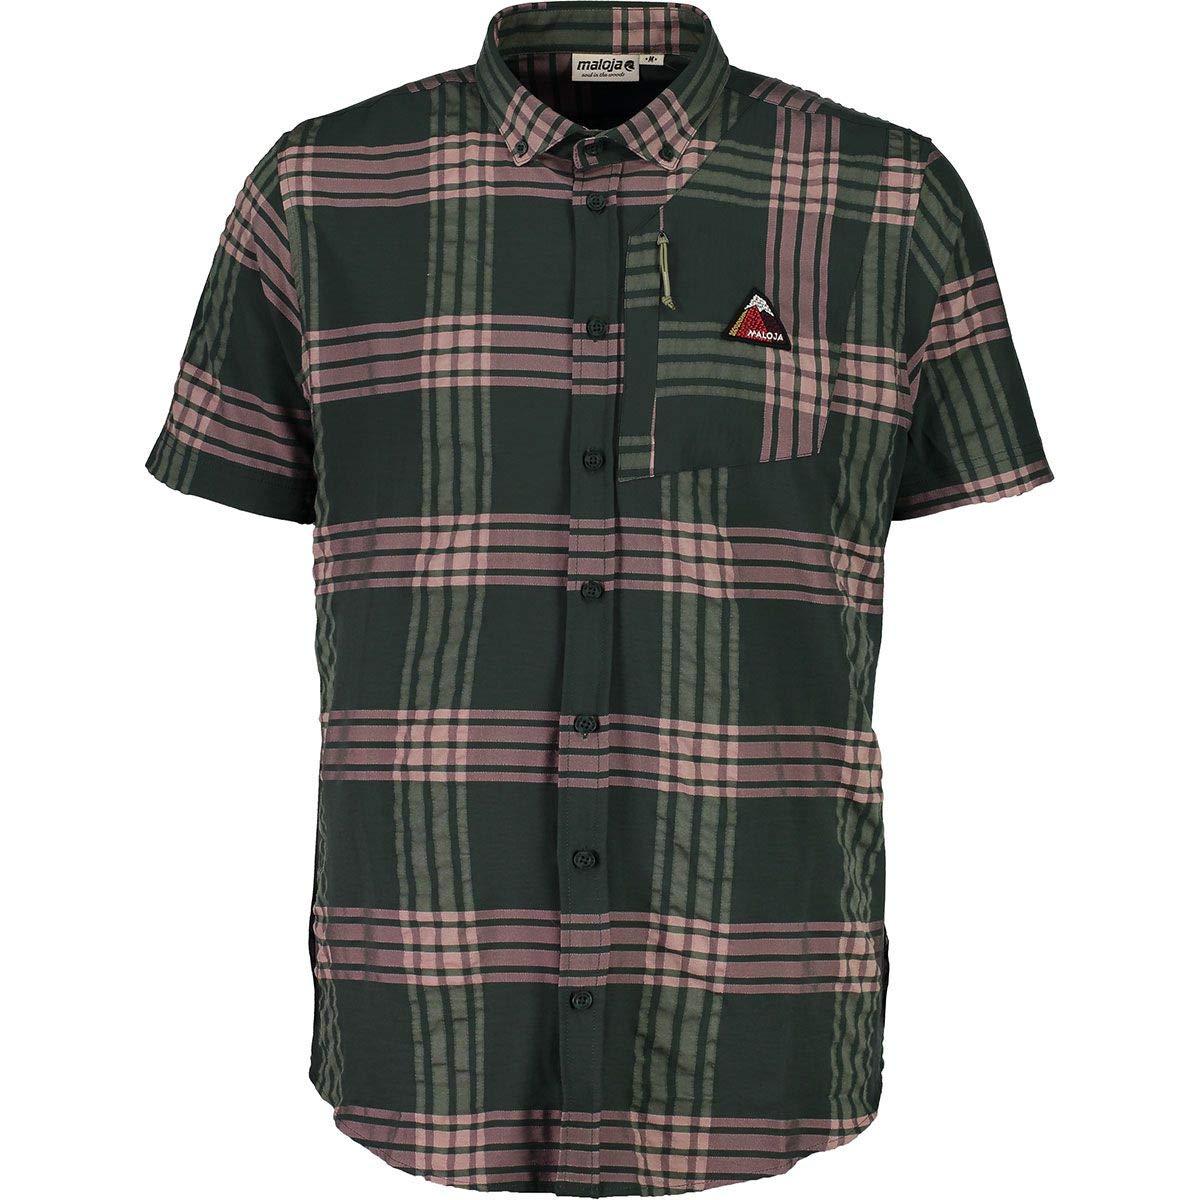 Vert pin XL Maloja falzm 1 2 t-Shirt, Homme